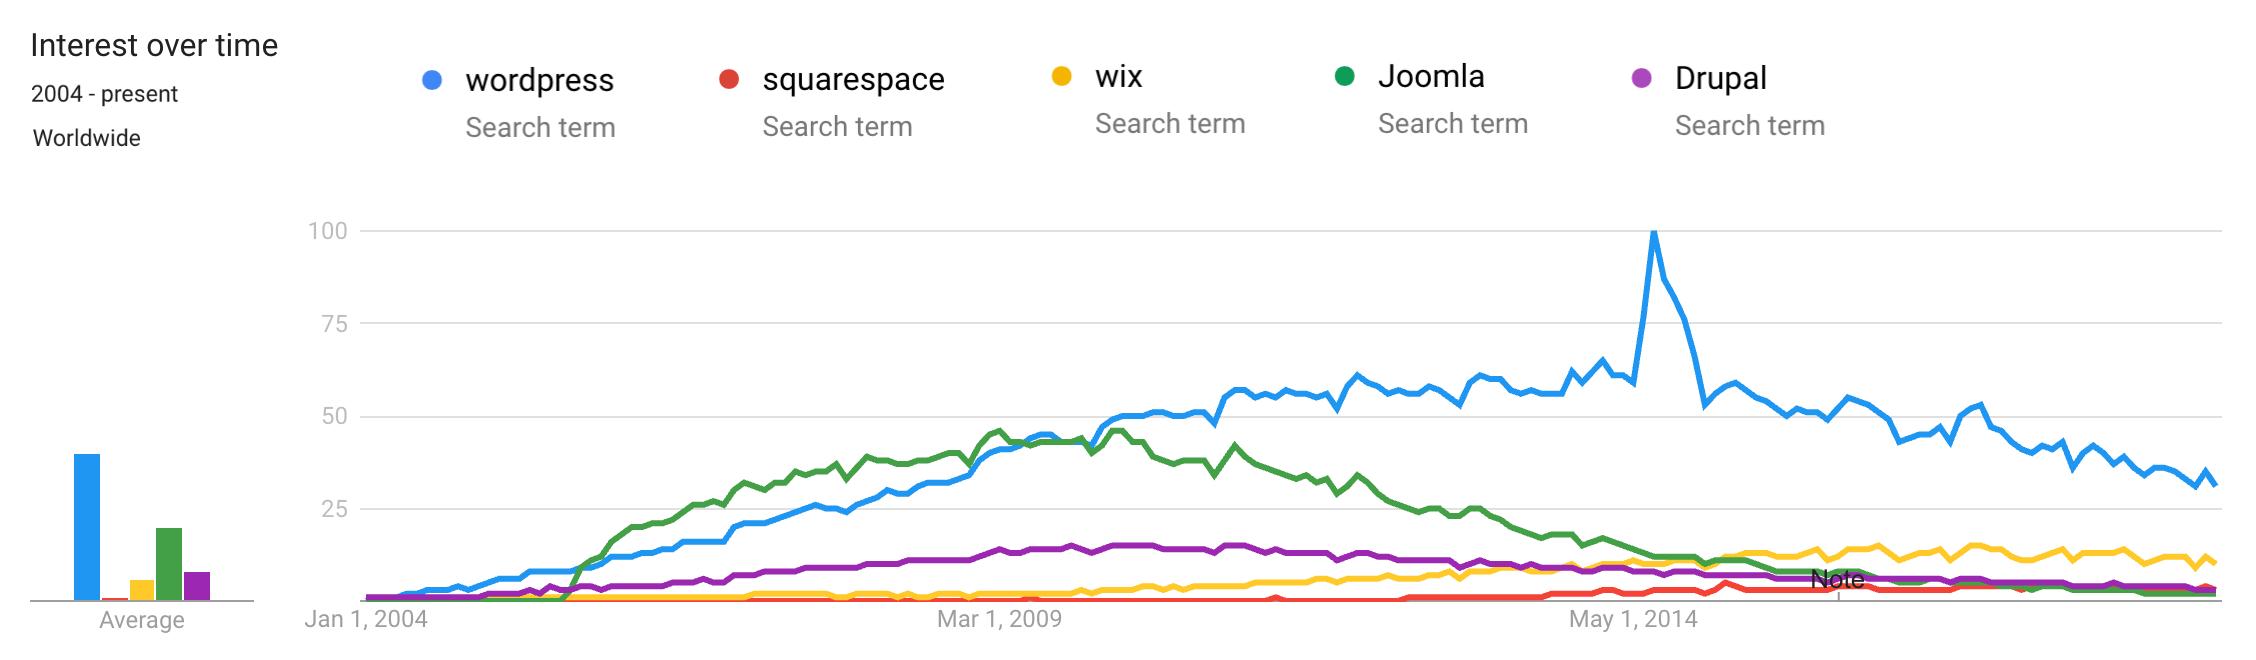 WordPress trender jämfört med andra CMS